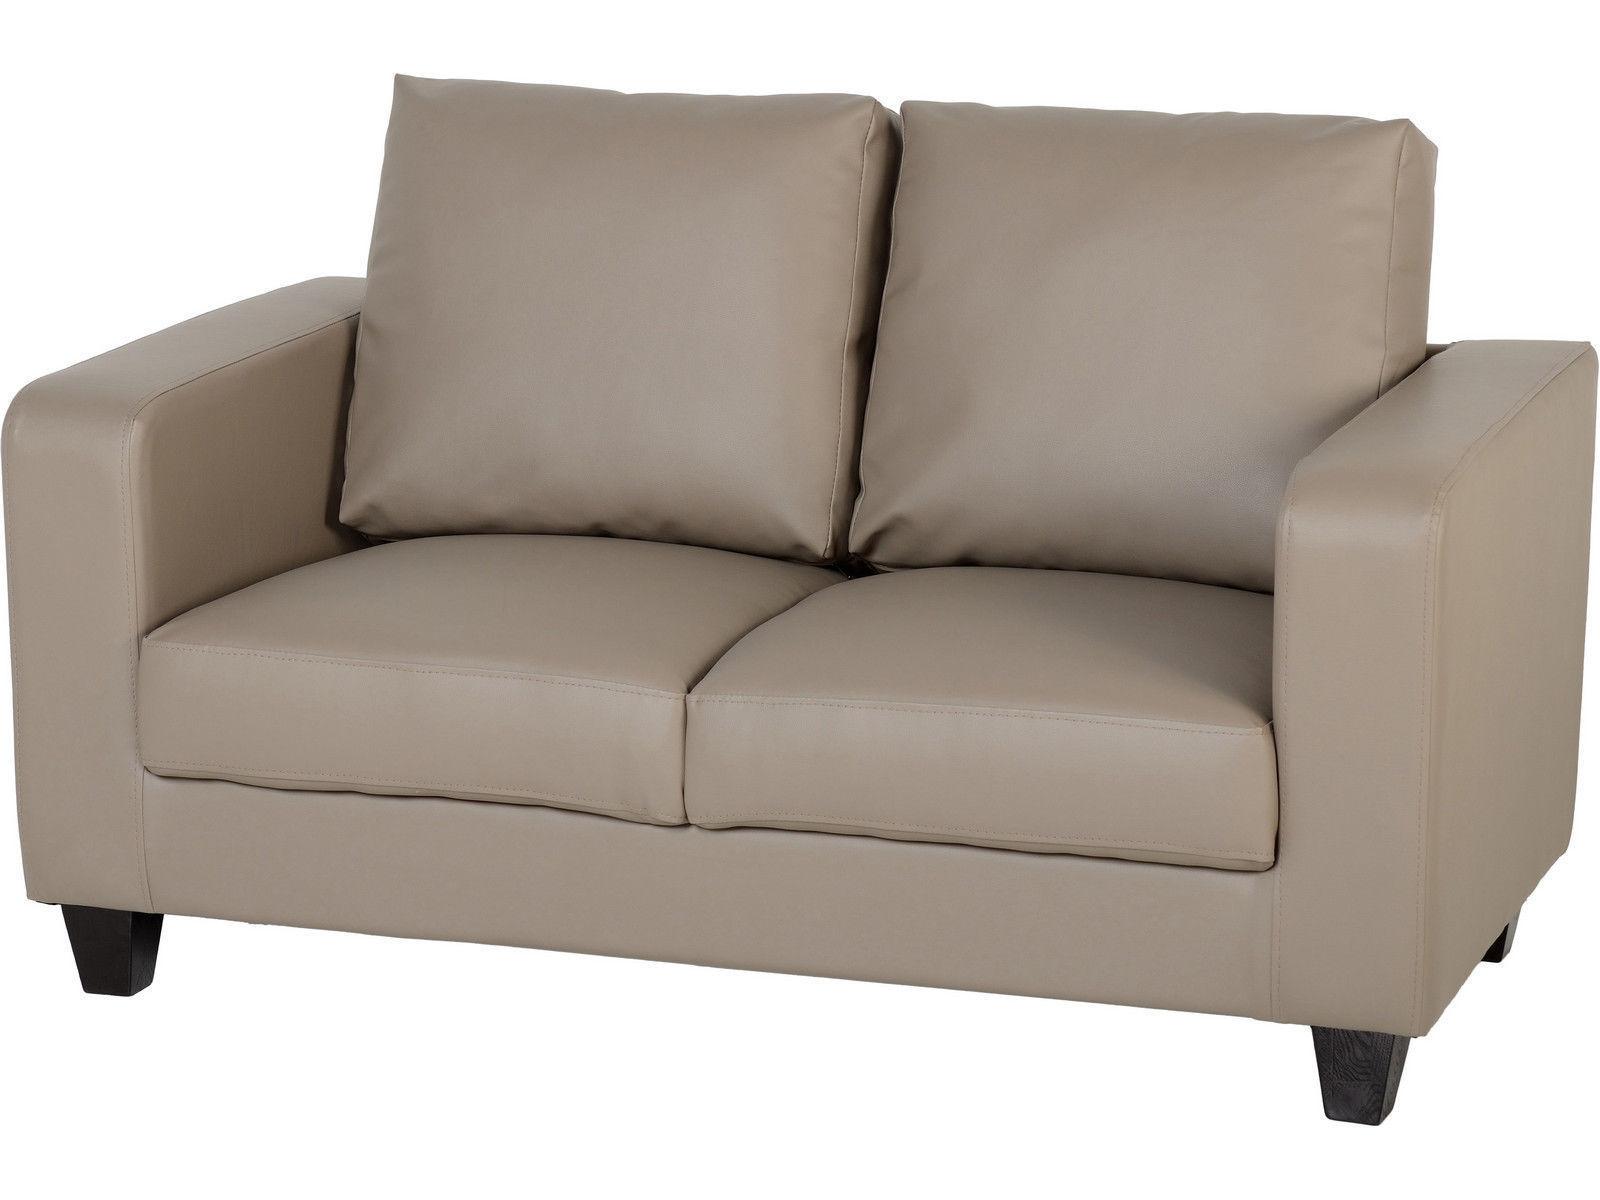 Seconique Tempo 2 Seater Sofa In A Box Taupe Faux